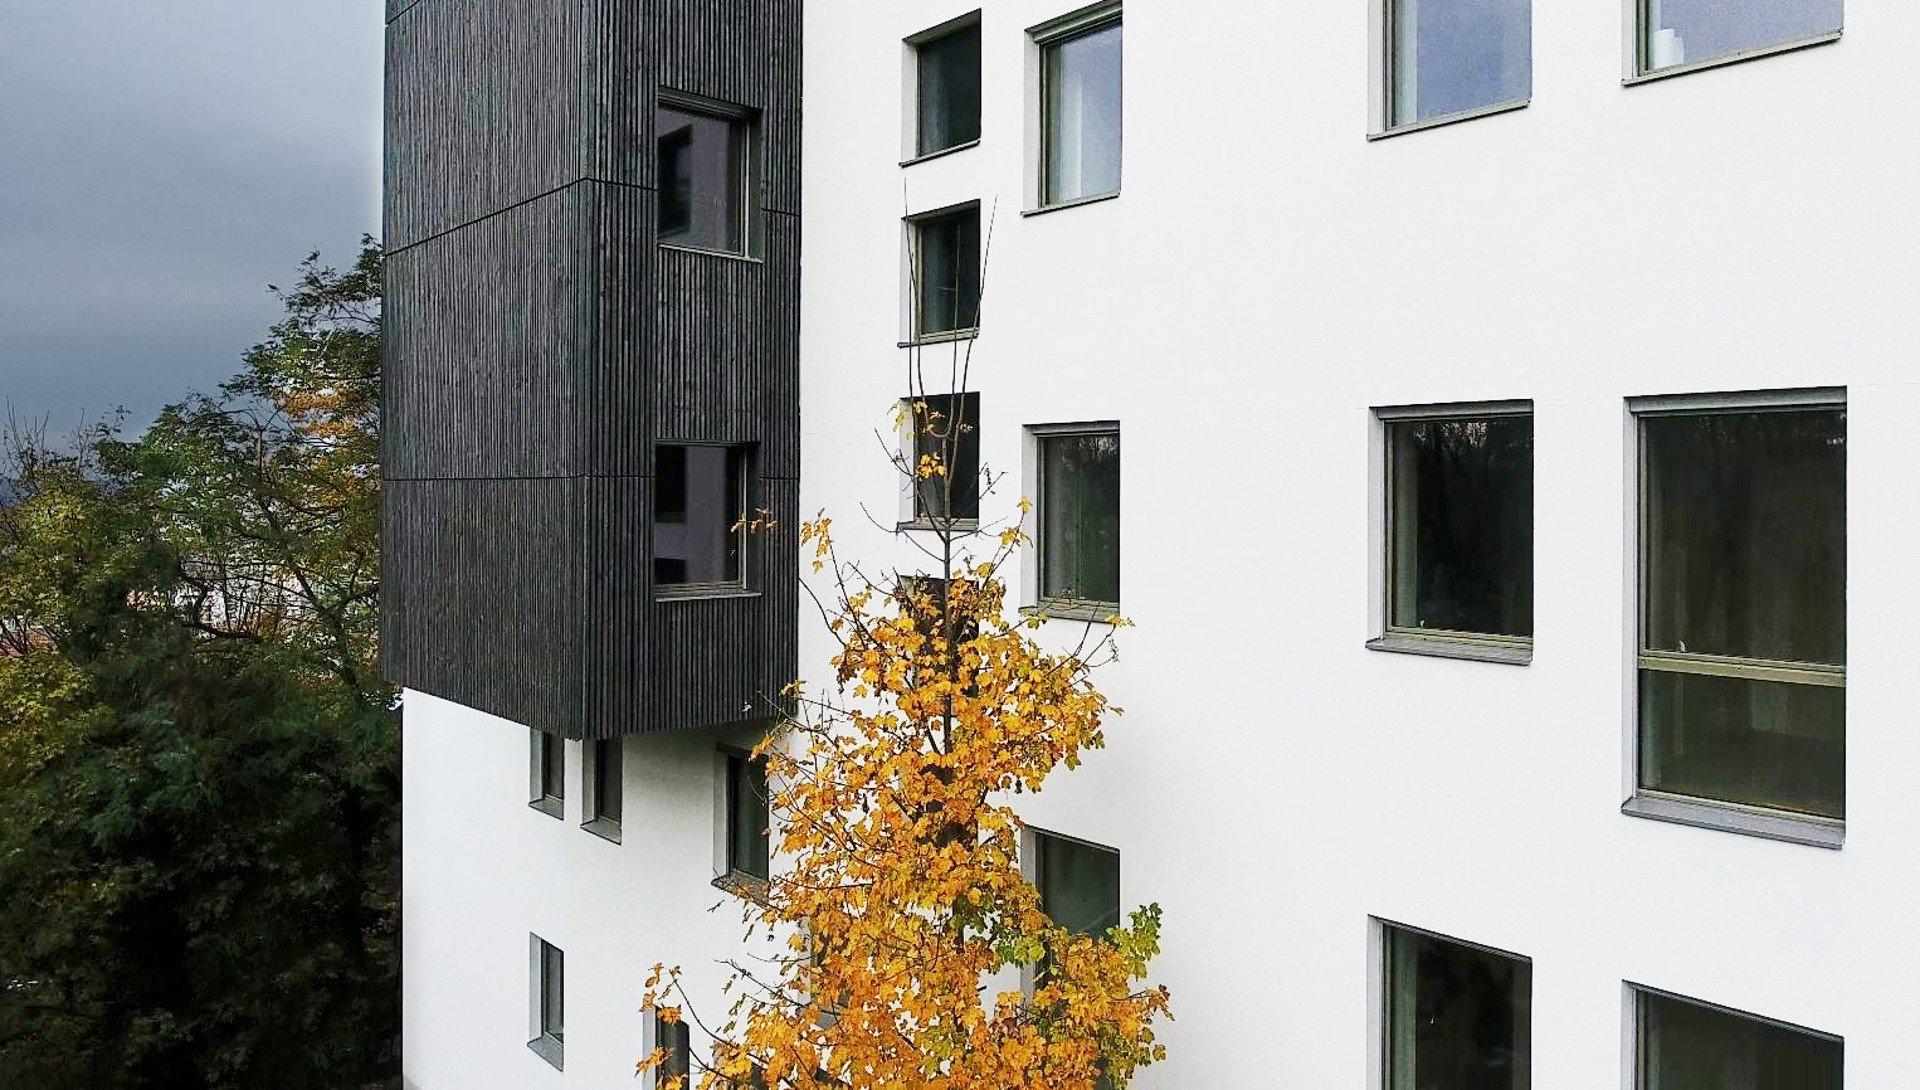 ARTICLE : Paul PETIT – Saint-Etienne accueille la plus grande rénovation labellisée Passivhaus